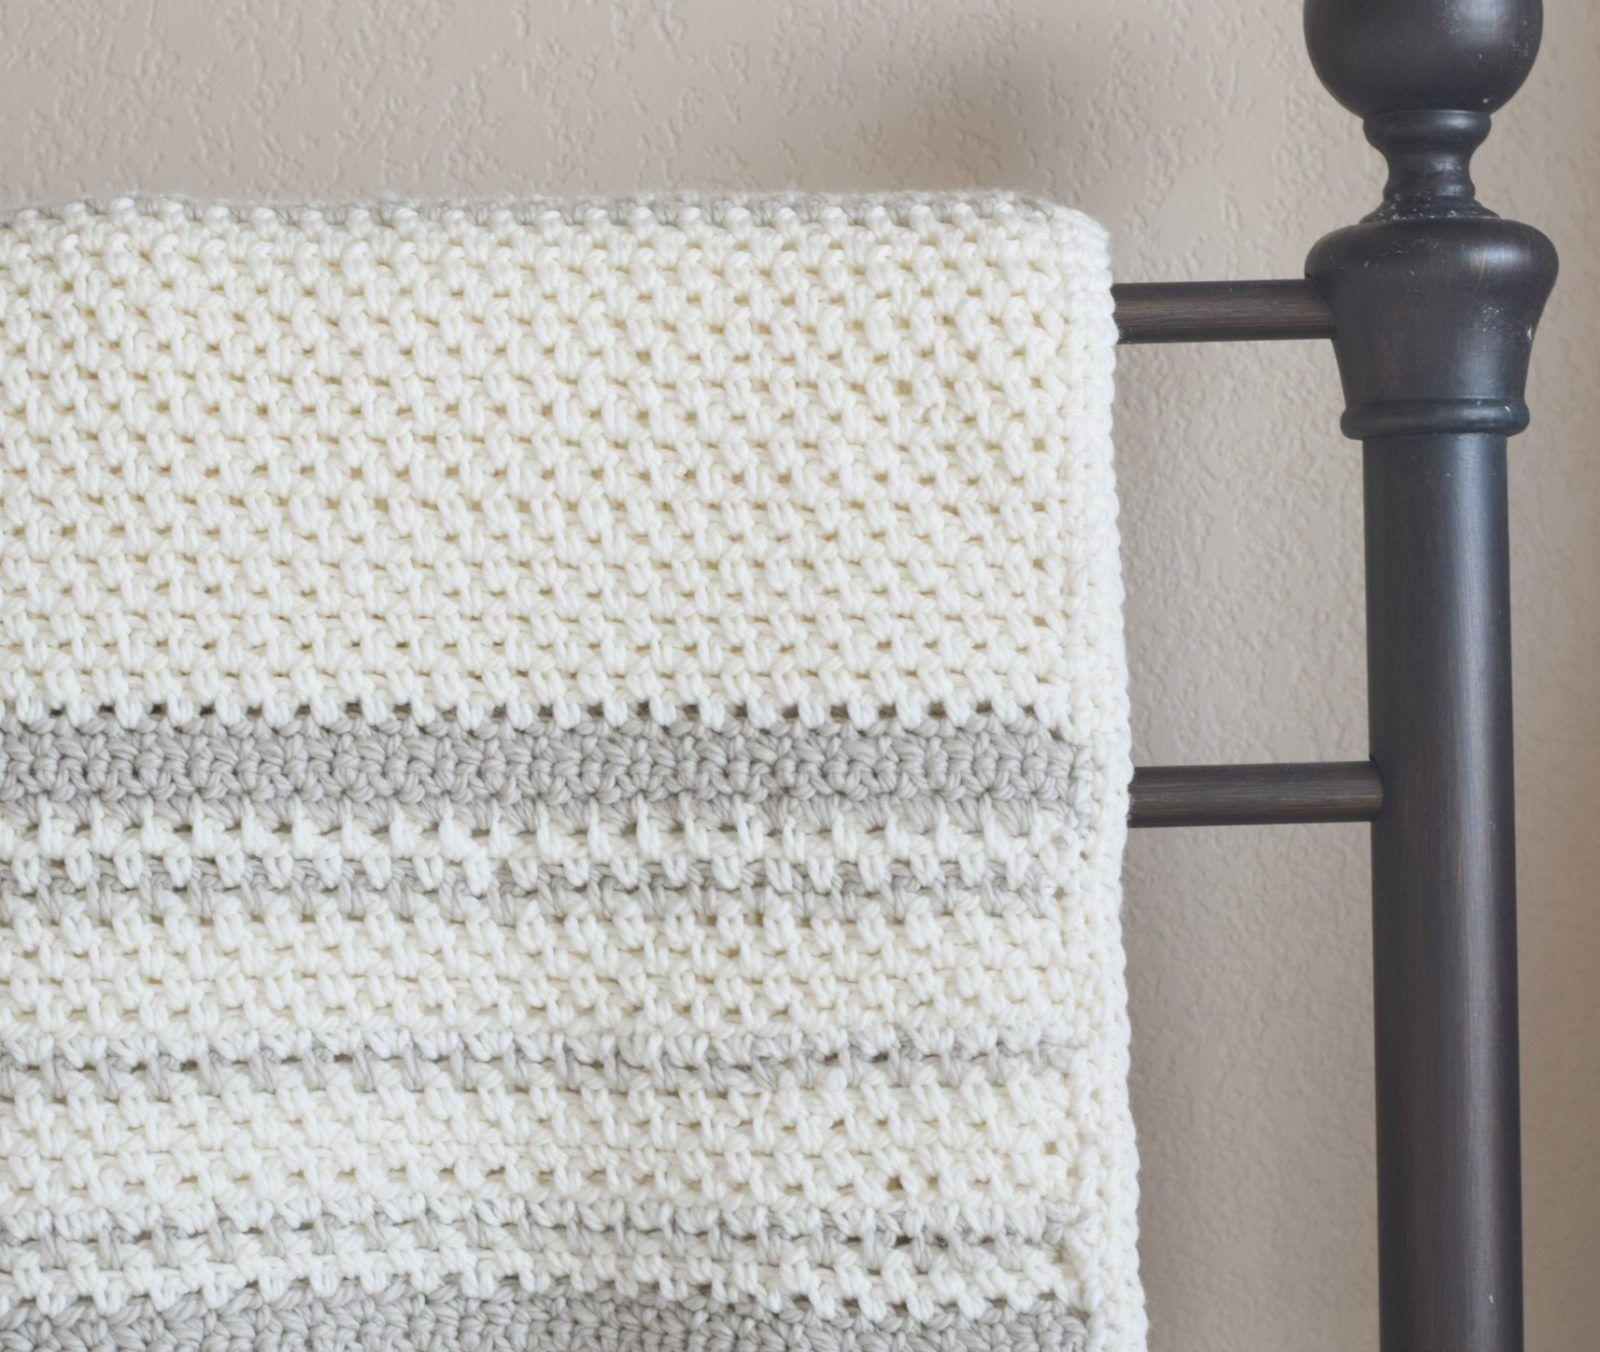 heirloom-blanket-5.jpg 1,600×1,352 pixeles | Detalles tejidos ...